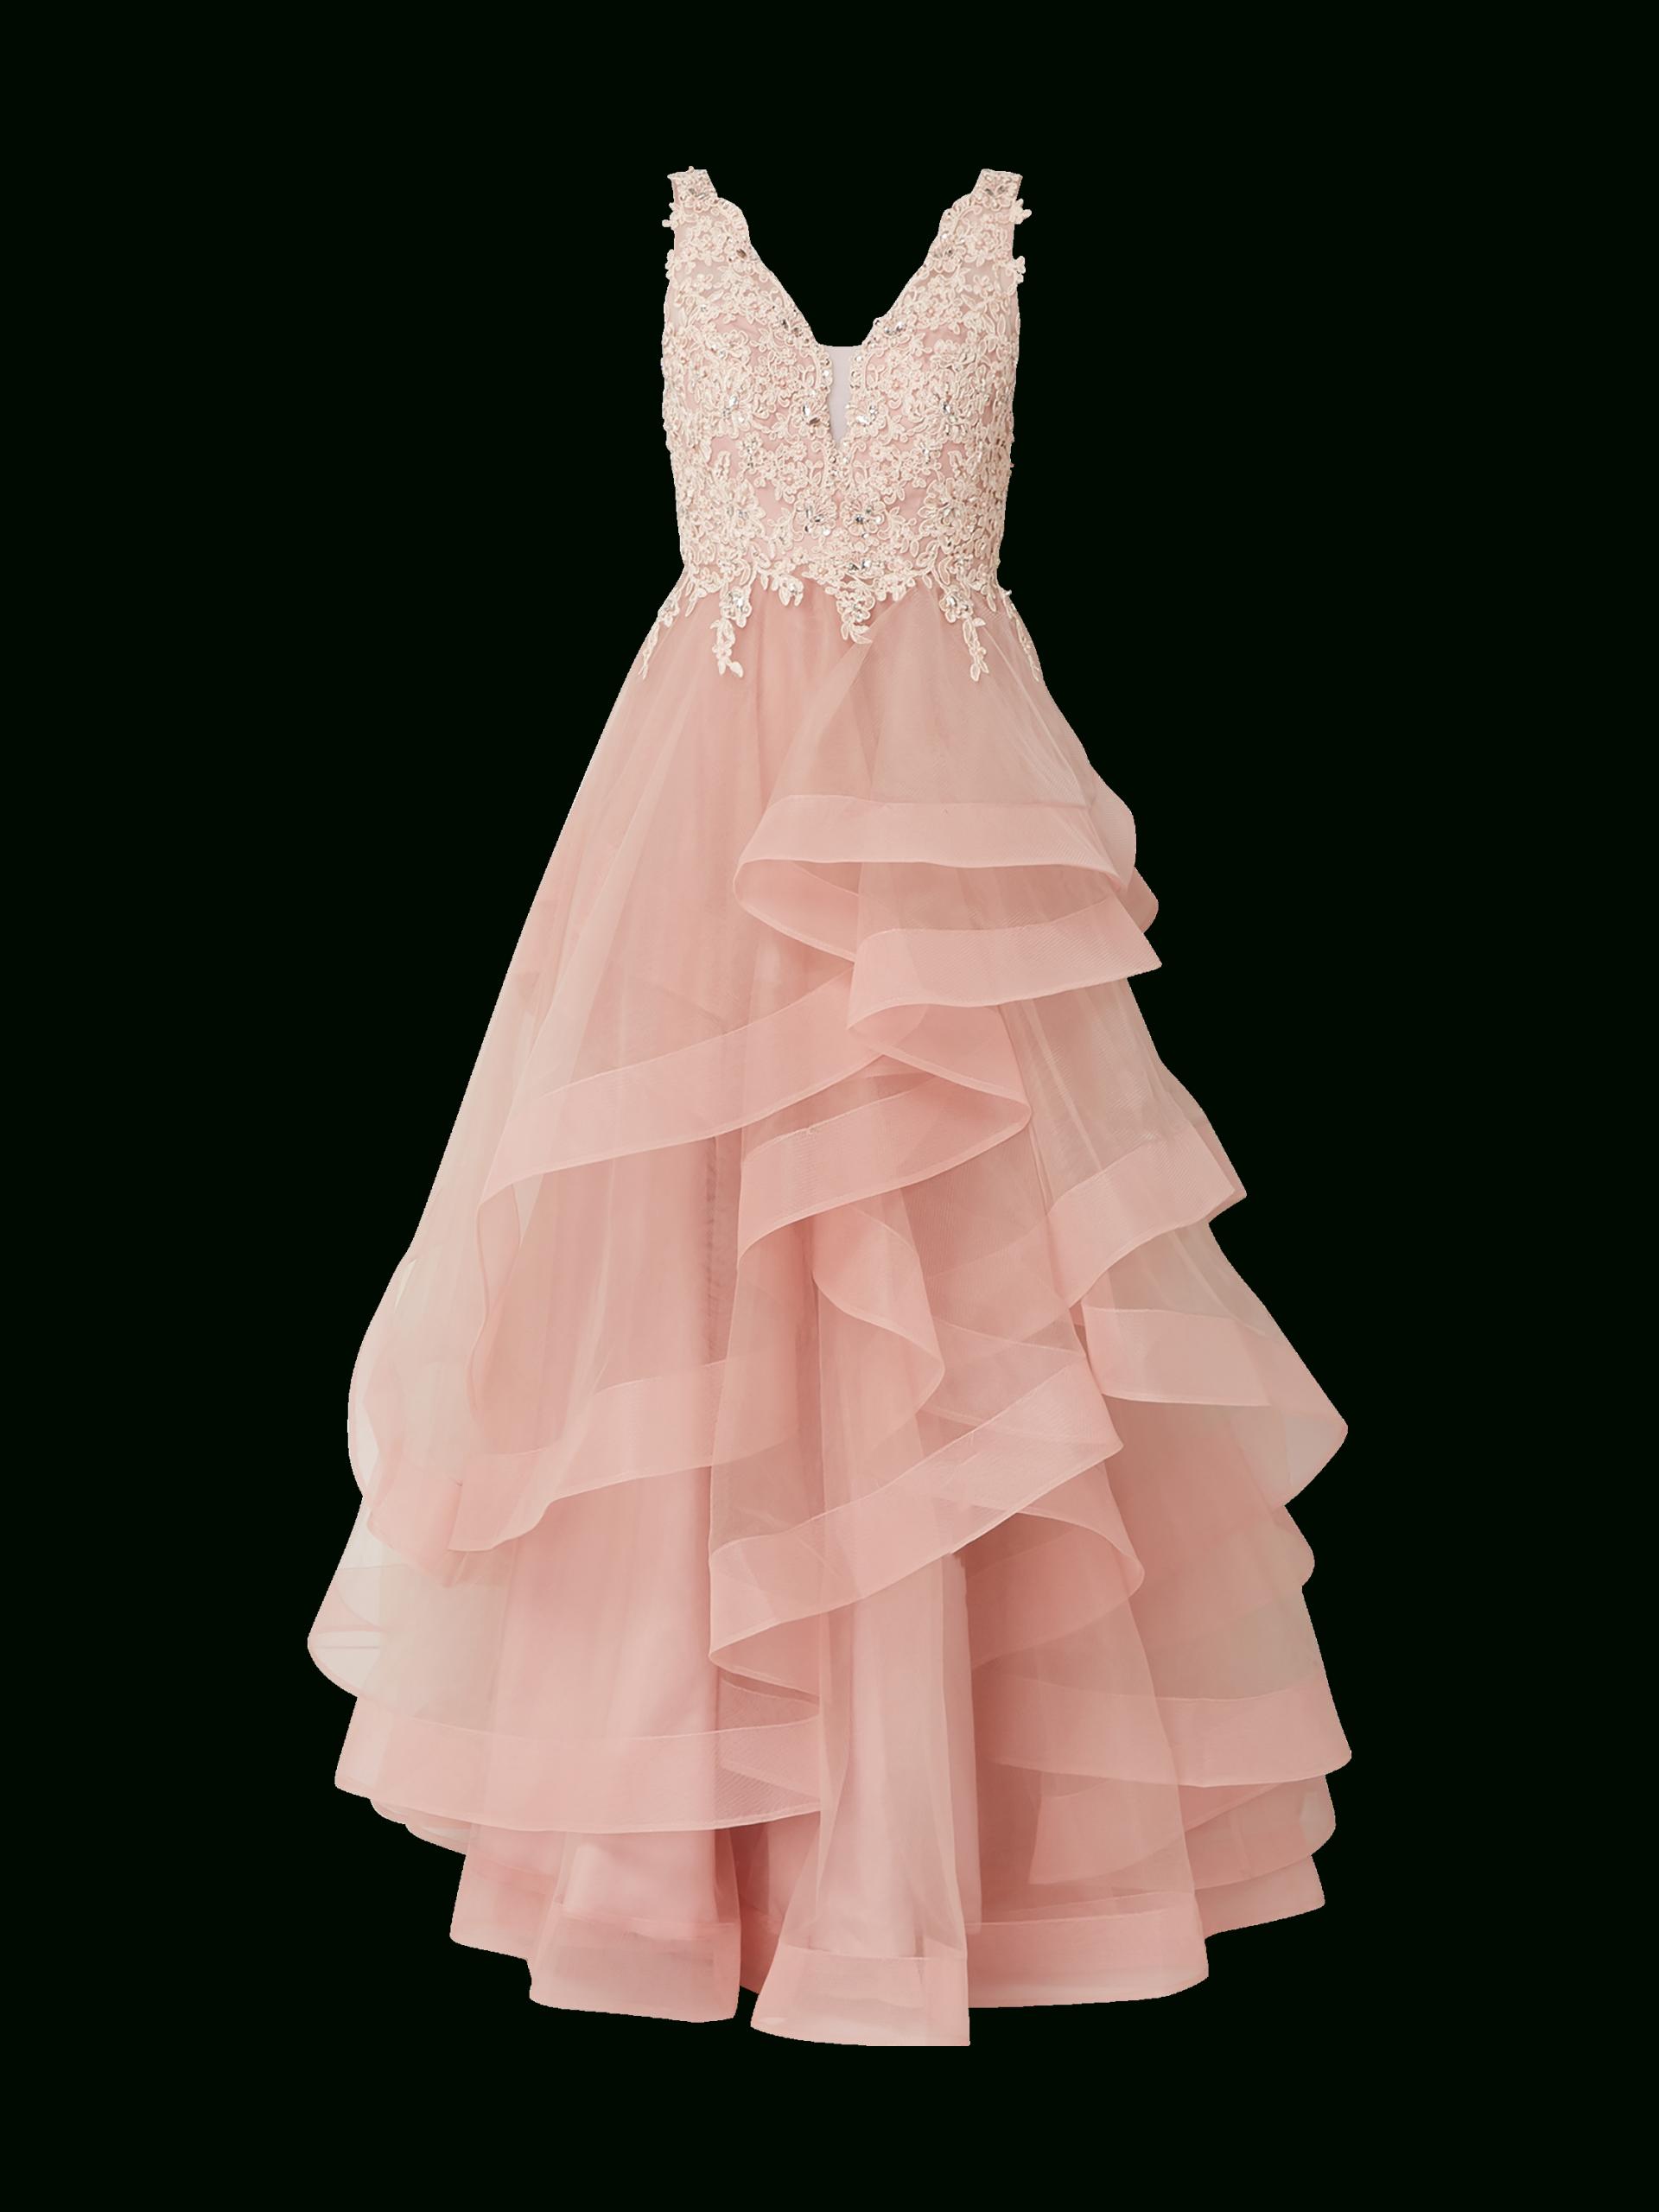 20 Genial Abendkleider Peek Und Cloppenburg Ärmel13 Luxurius Abendkleider Peek Und Cloppenburg Spezialgebiet